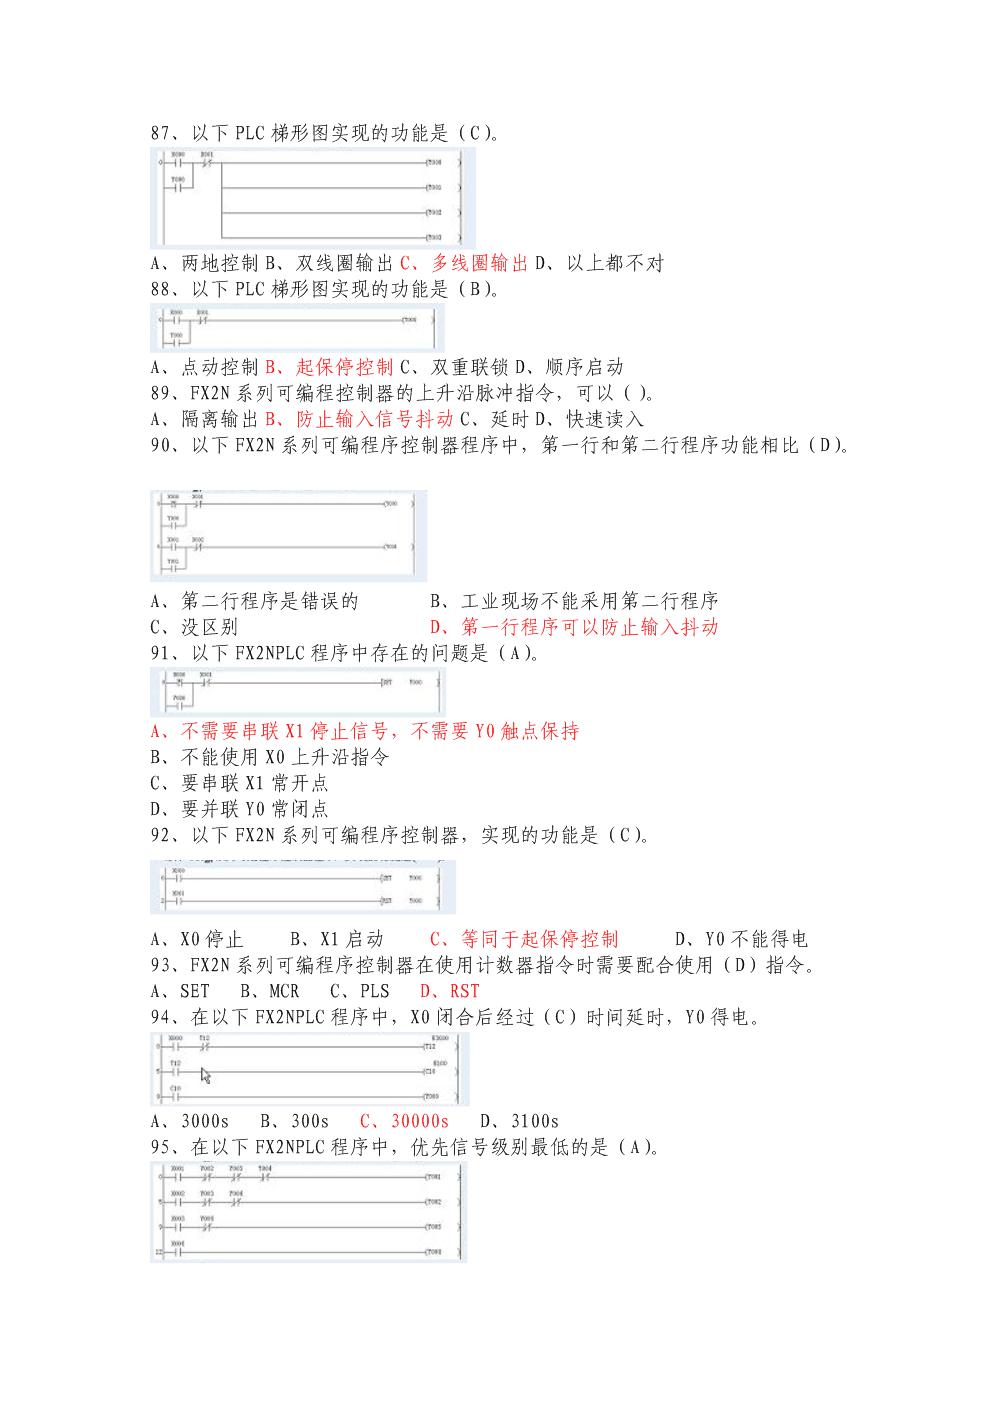 a,输出量b,模拟量c,晶体管d,双线圈,指令,梯形图  118,以下程序出现